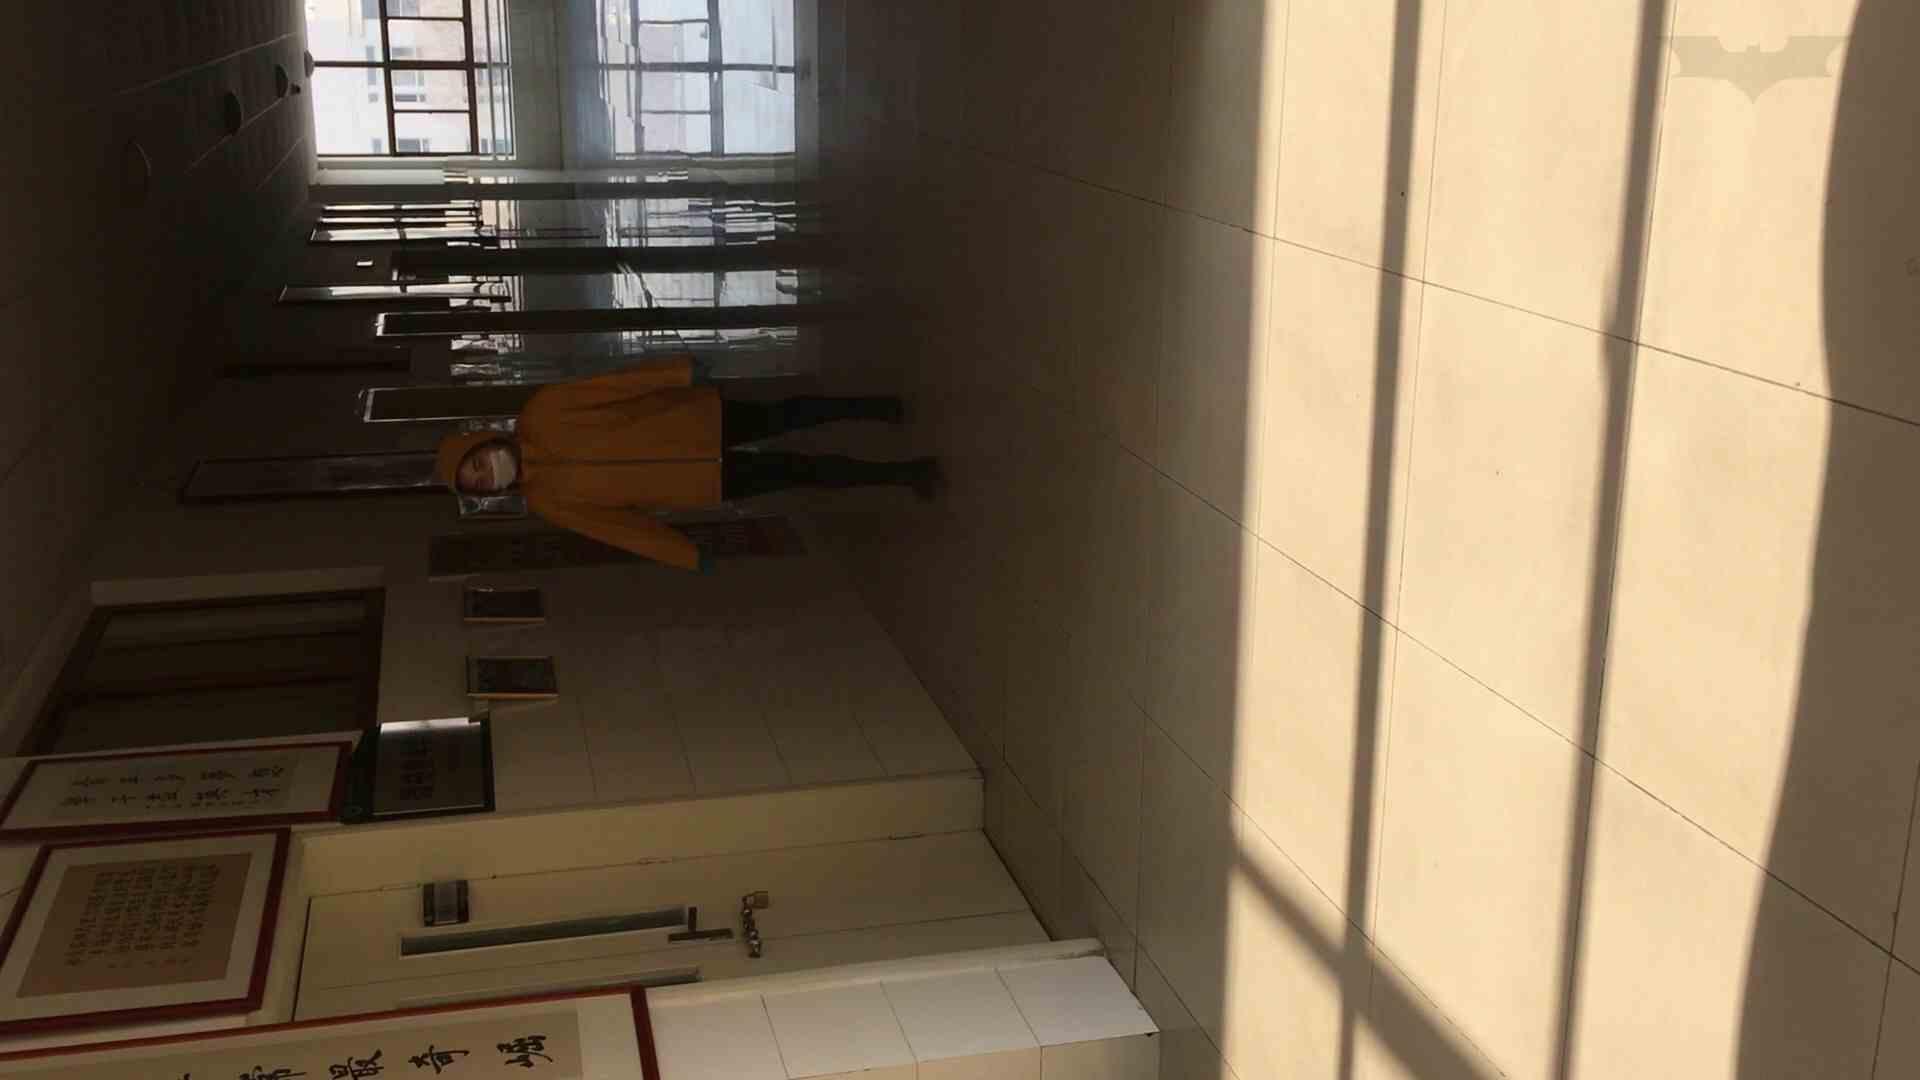 芸術大学ガチ潜入盗撮 JD盗撮 美女の洗面所の秘密 Vol.91 エッチすぎるOL達 AV無料動画キャプチャ 60連発 14